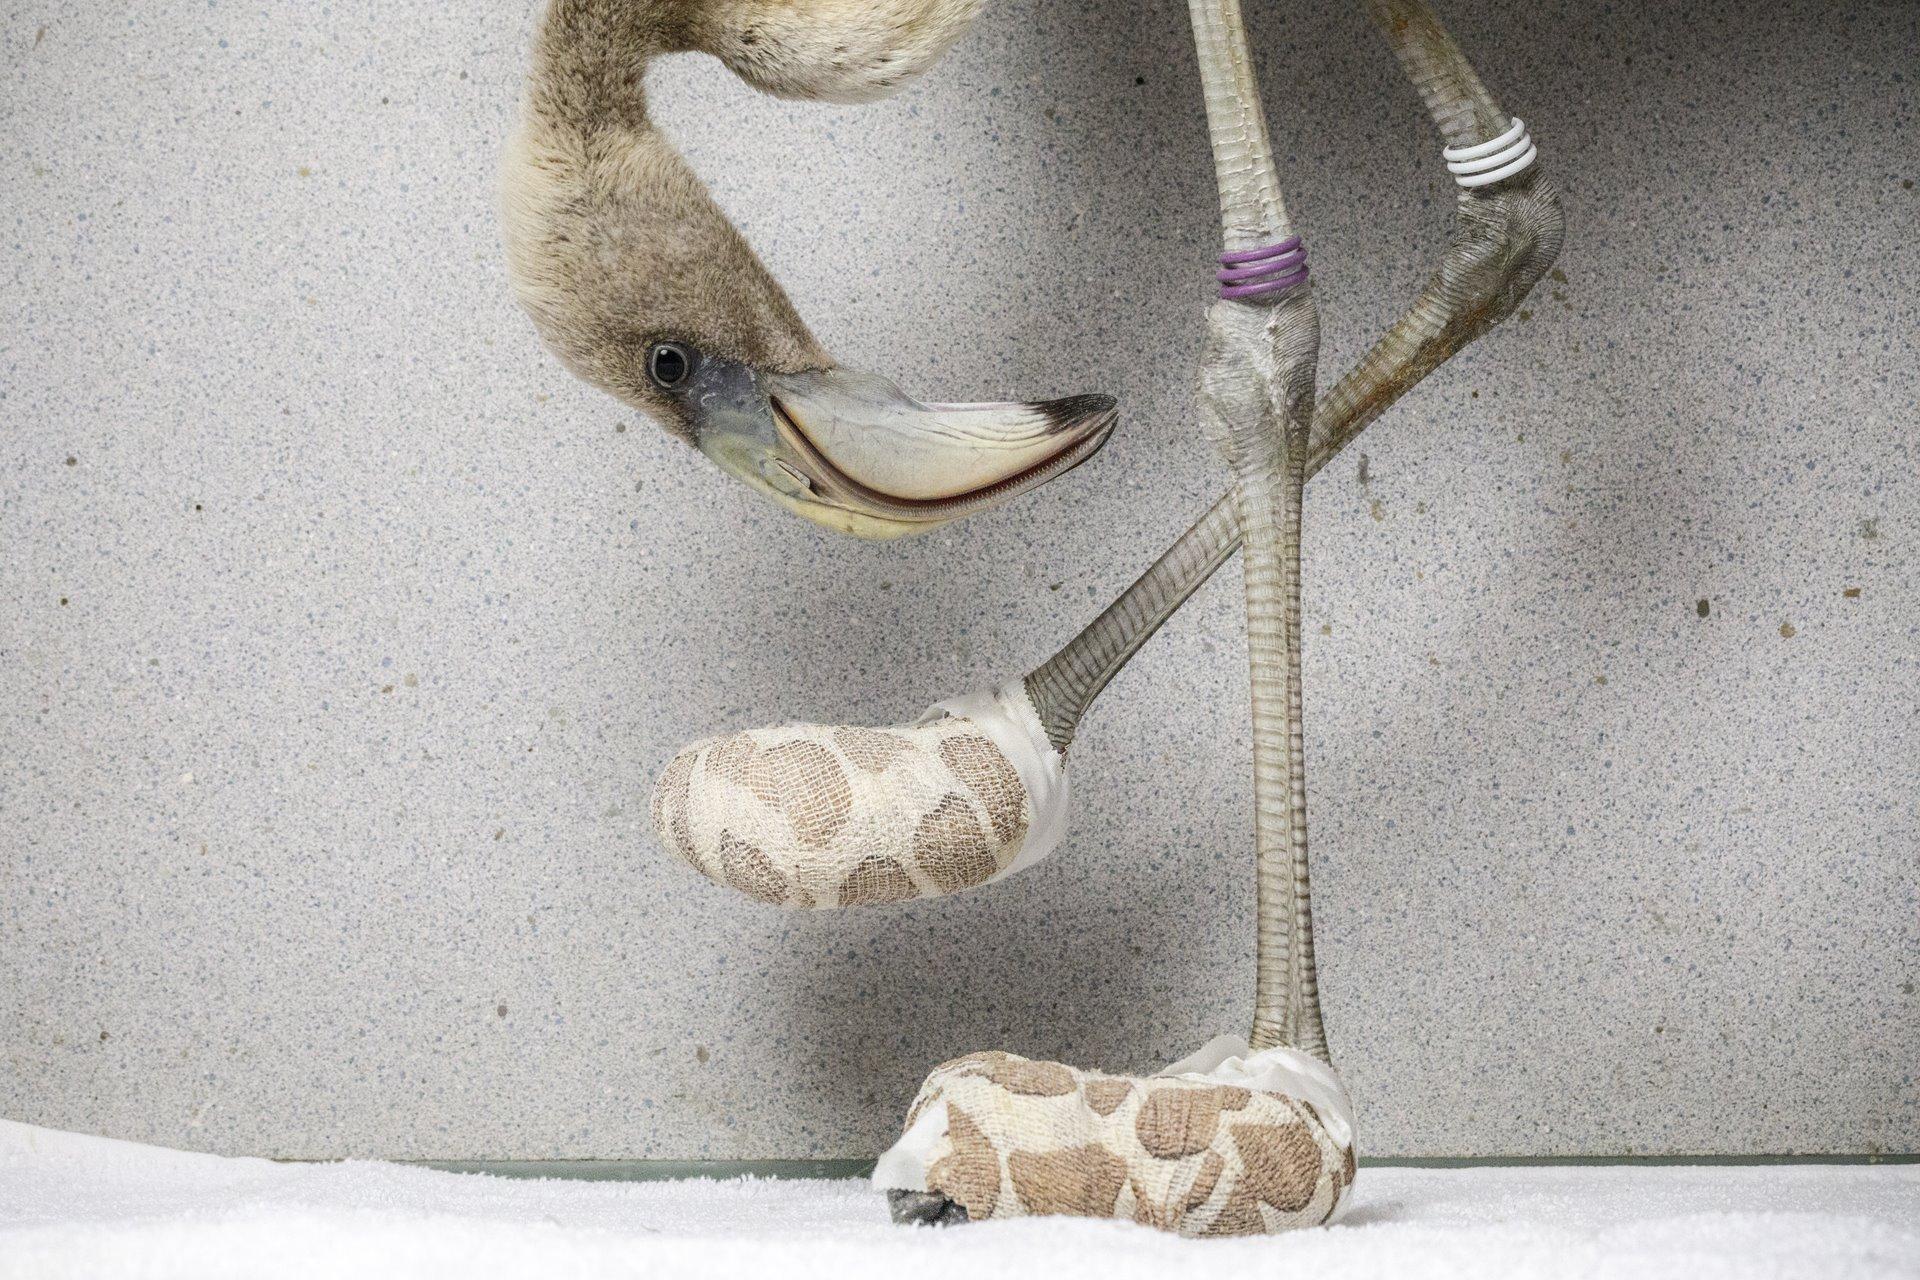 Un flamenco caribeño inspecciona los calcetines improvisados creados para ayudar a curar sus graves lesiones en los pies, en el Fundashon Dier en Onderwijs Cariben, Curazao / Foto: Jasper Doest